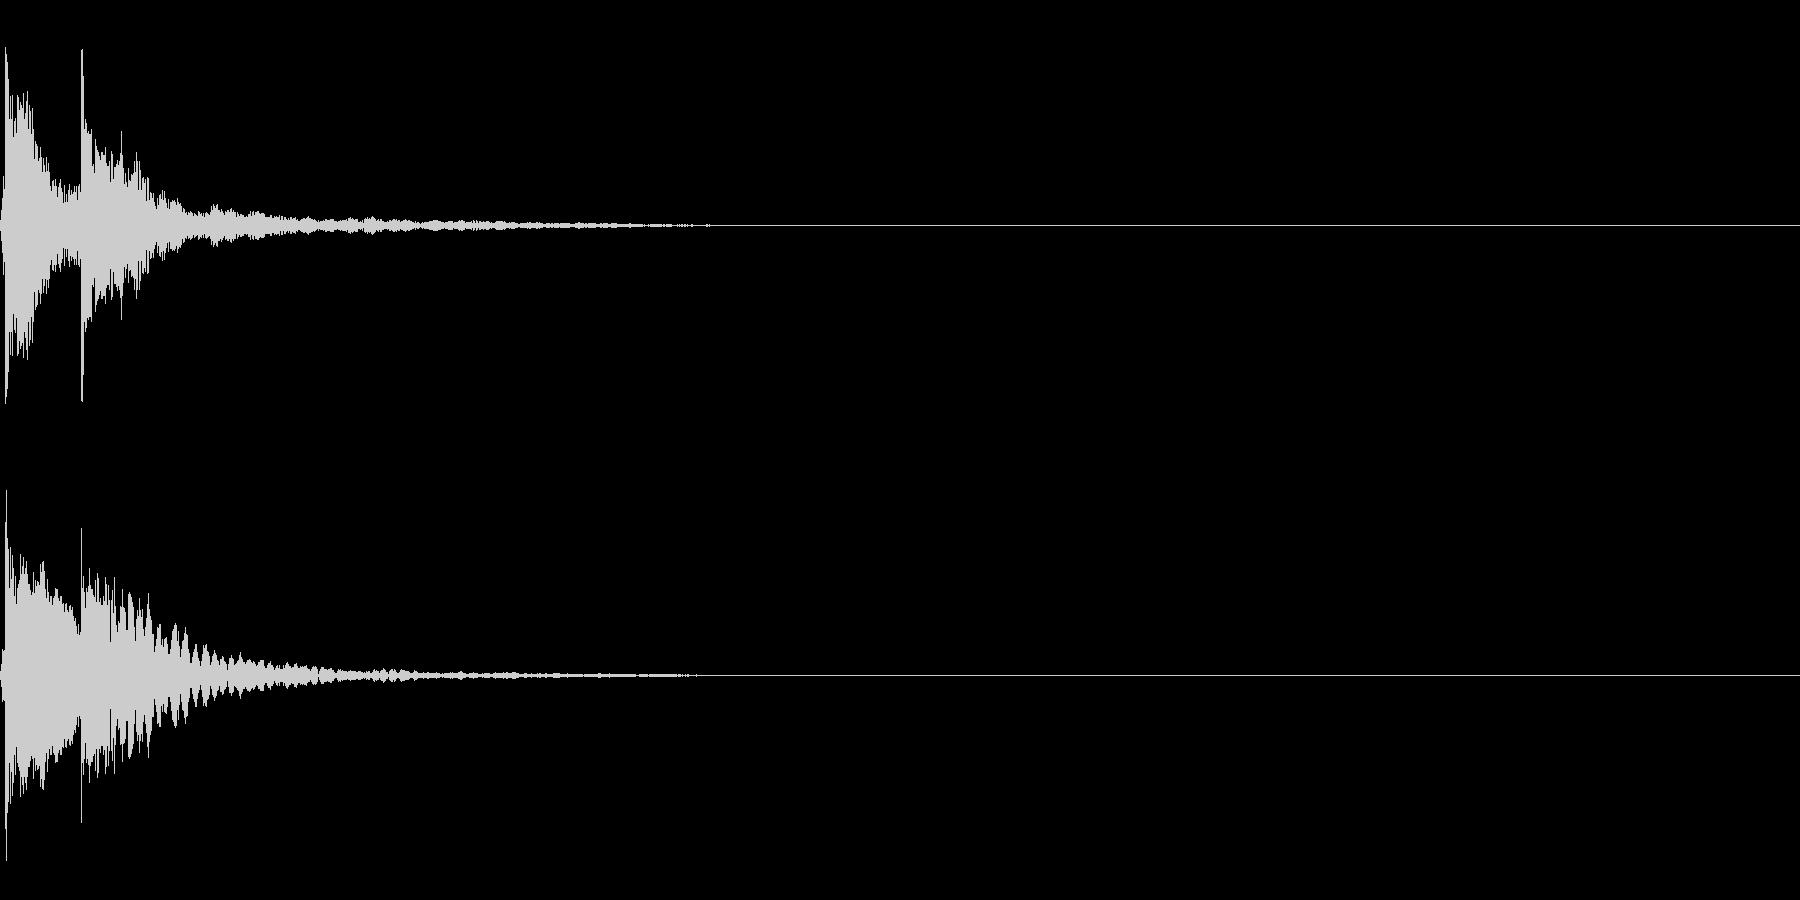 三味線/和風/システム音/A-4の未再生の波形